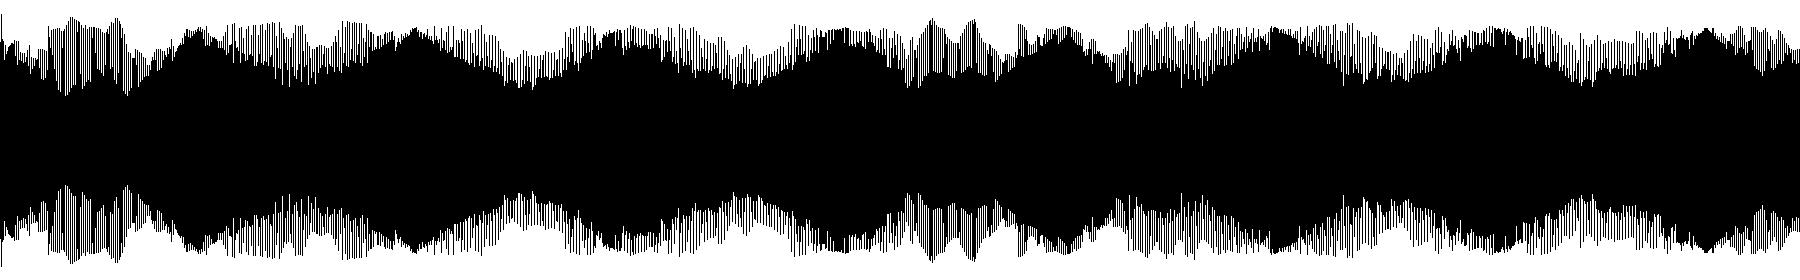 bass5 130